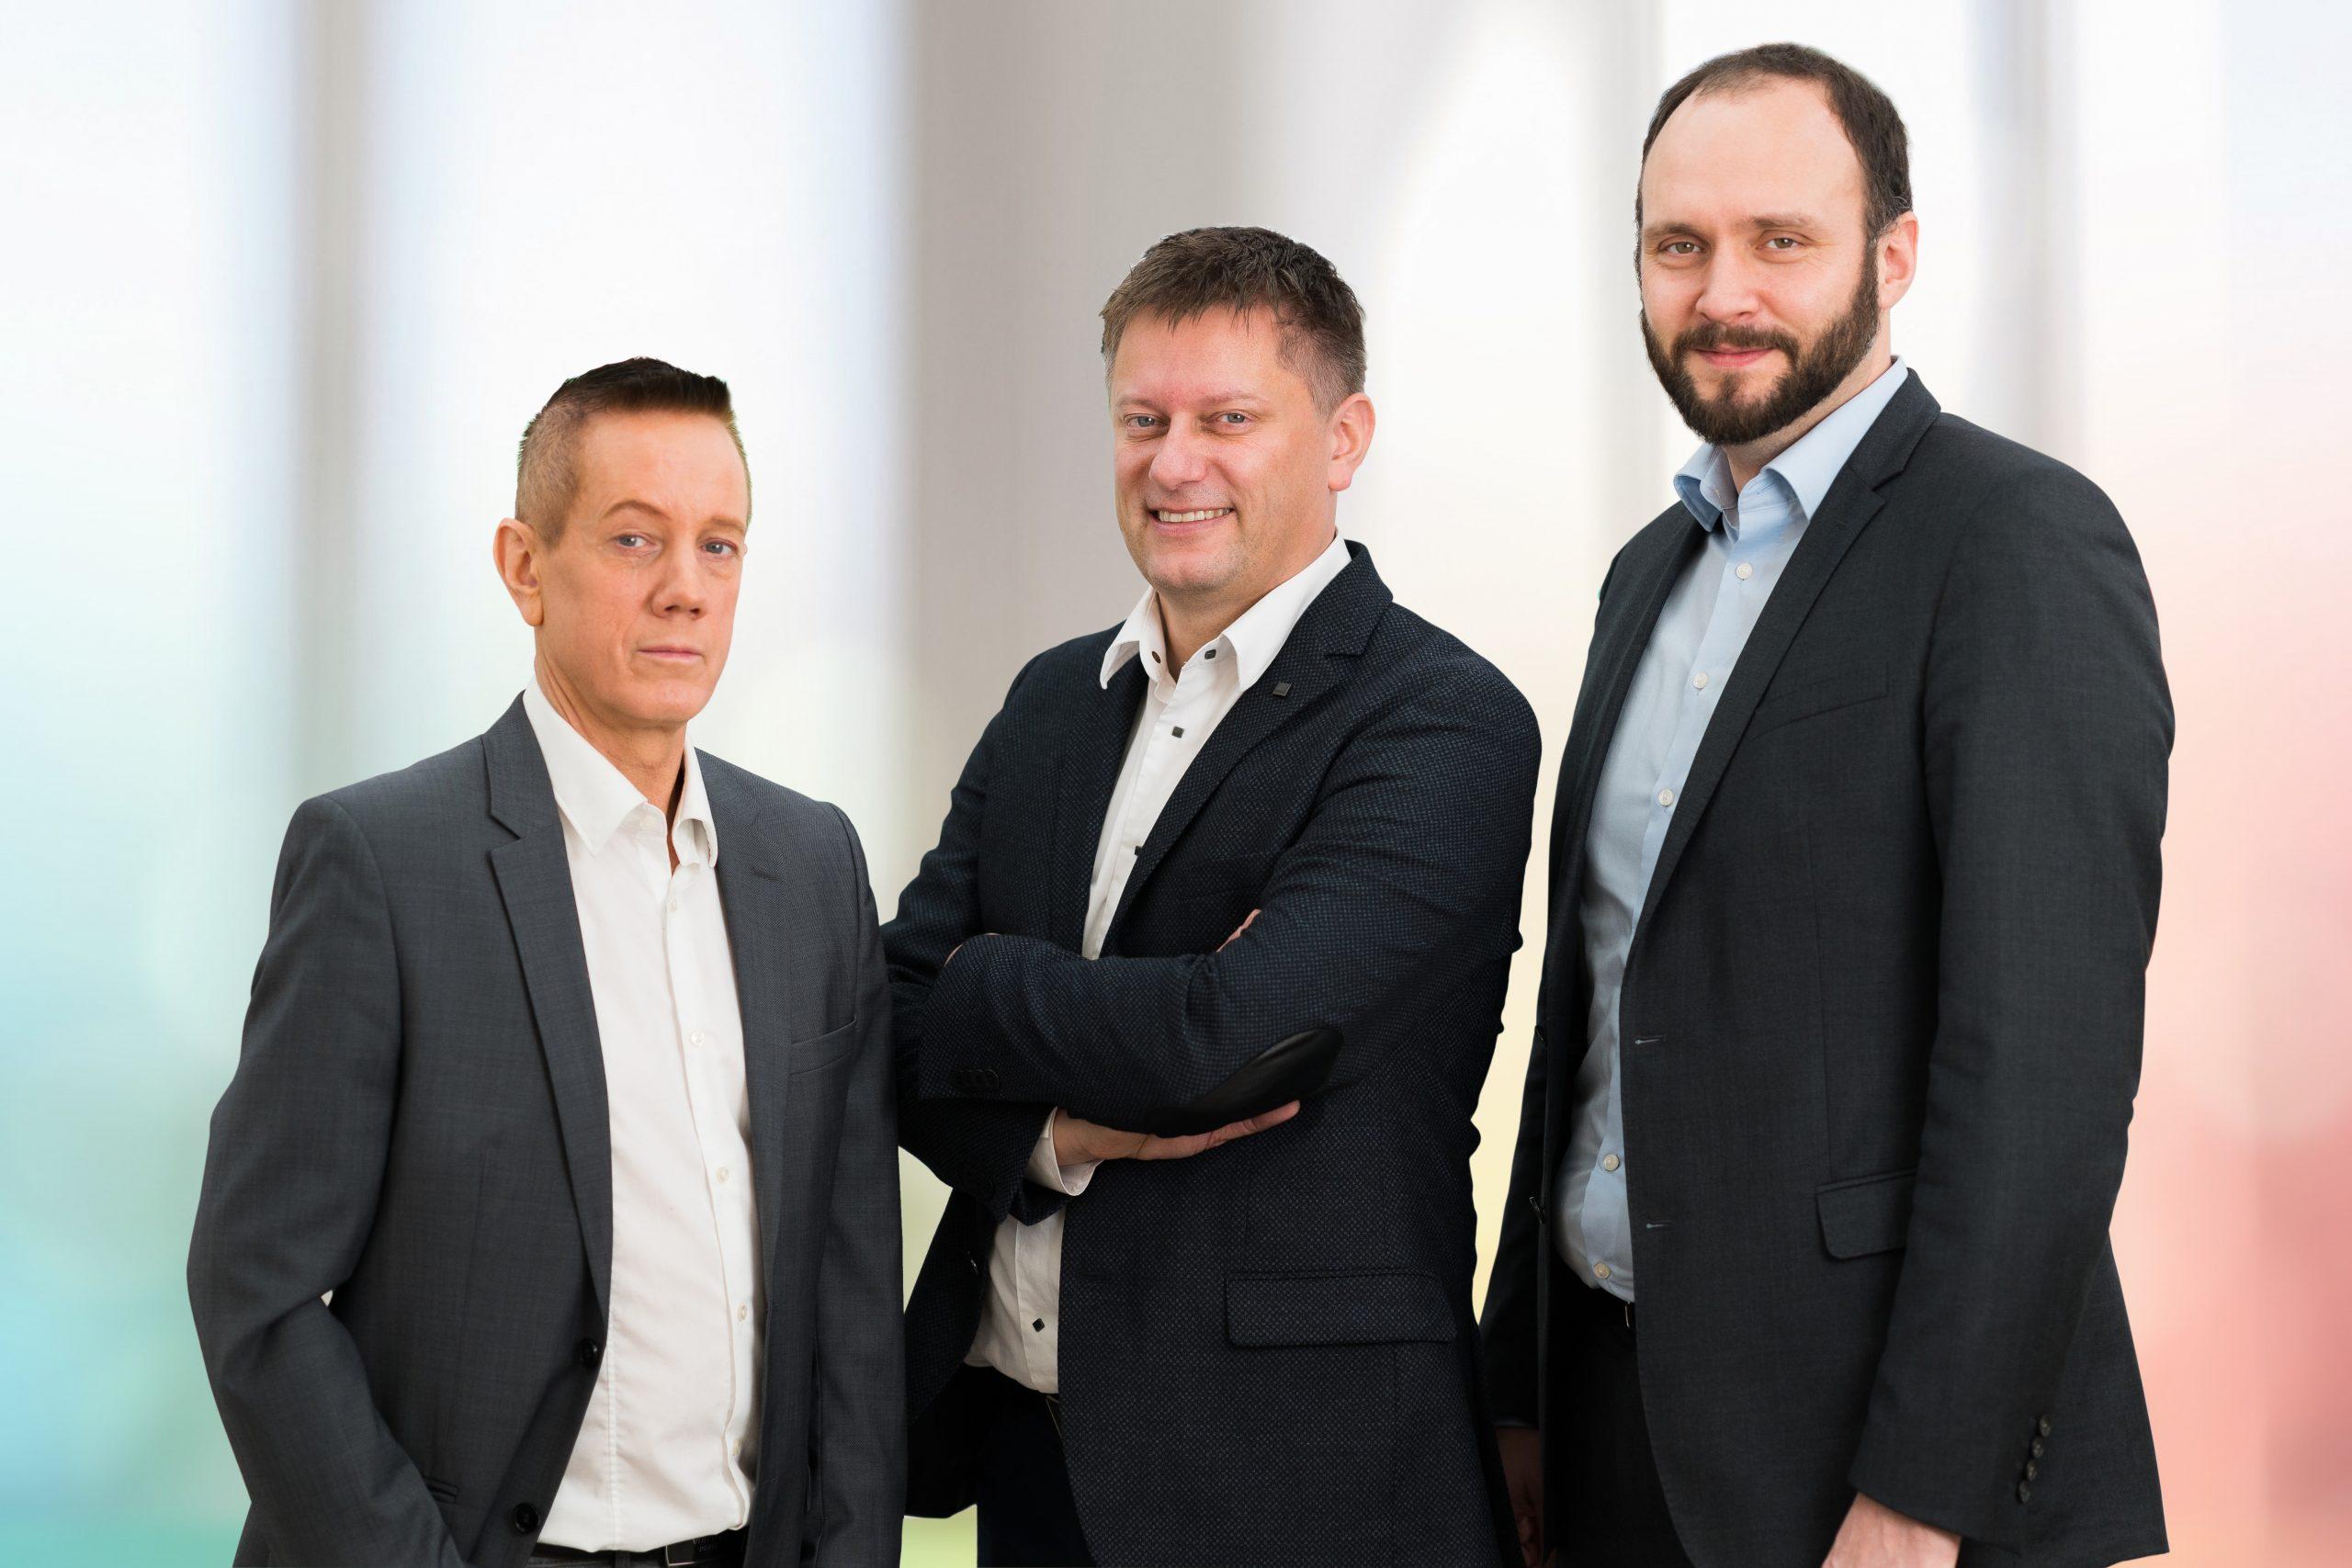 Geschäftsführer RP MEDICS GmbH Reinald Pasedag, Roland Pasedag, Andreas Hainz